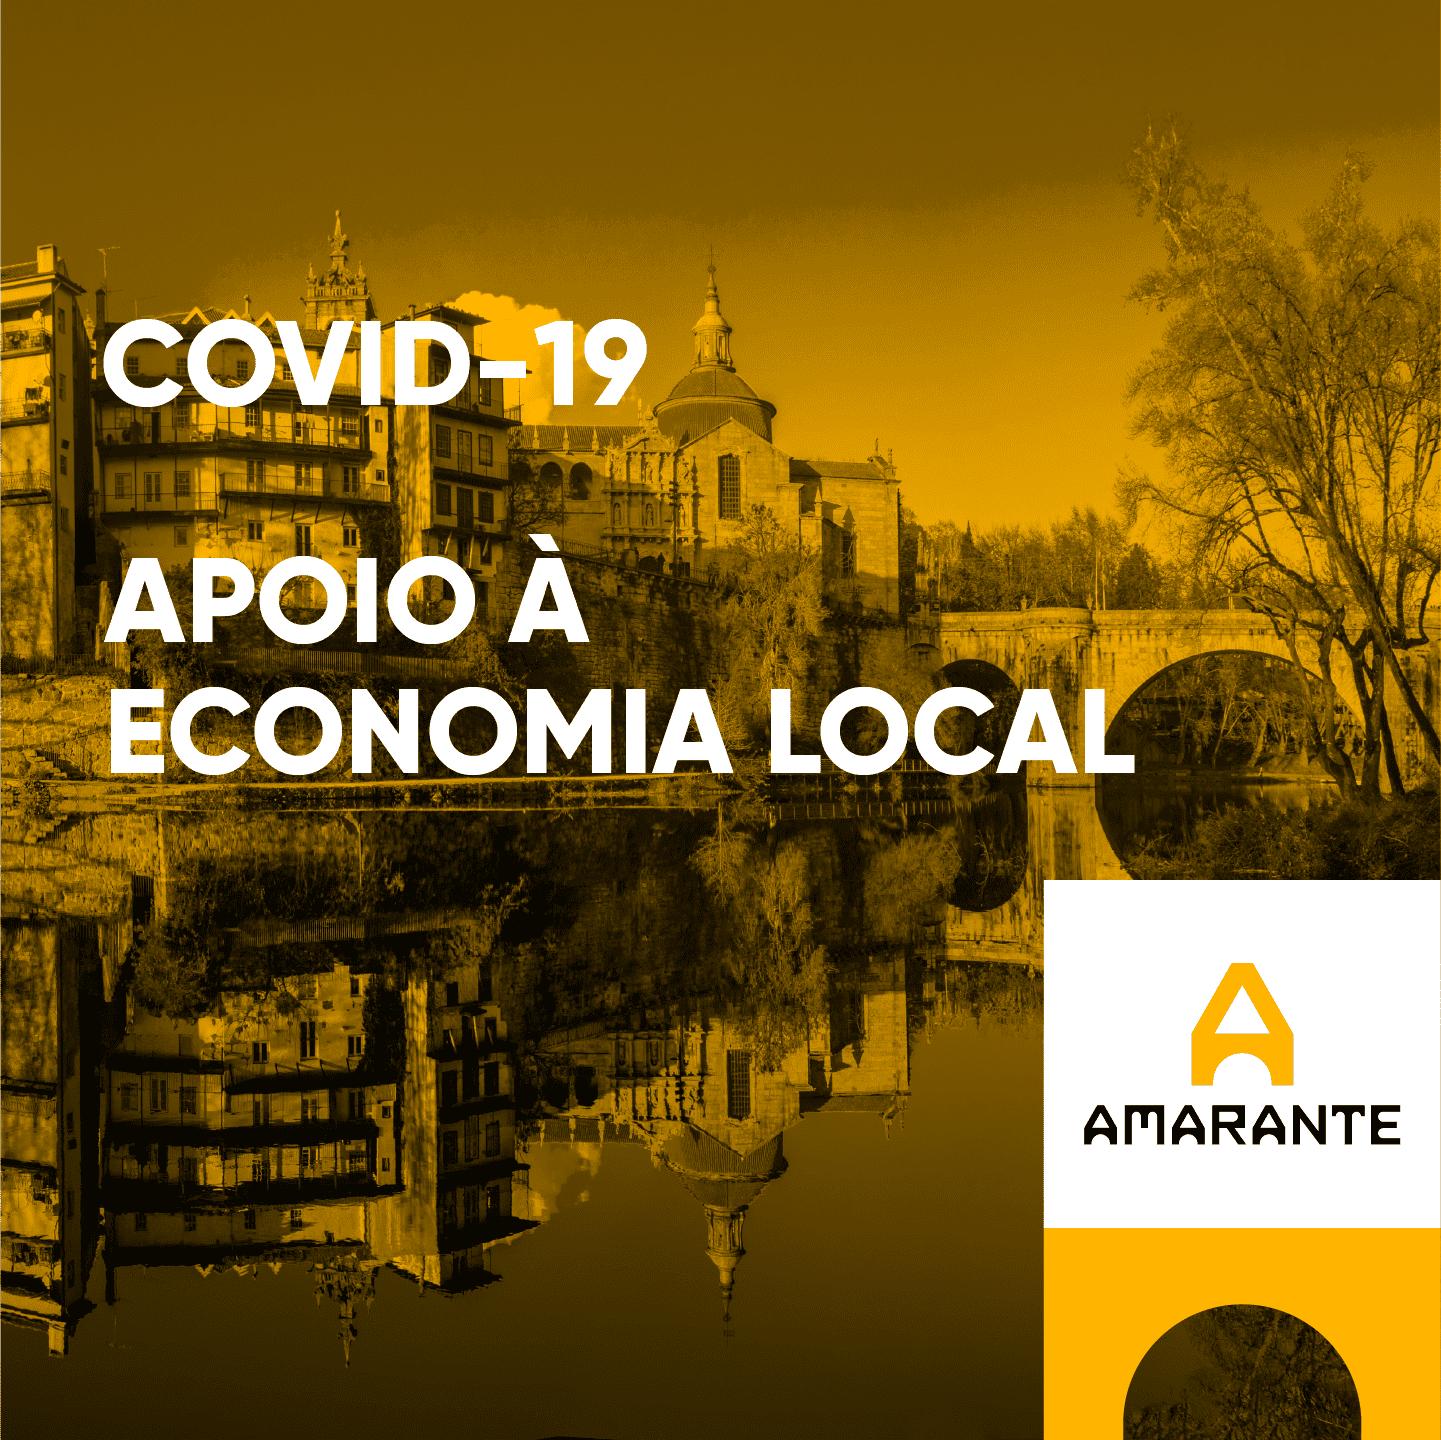 Município aprovou reforço de medidas de apoio à economia local